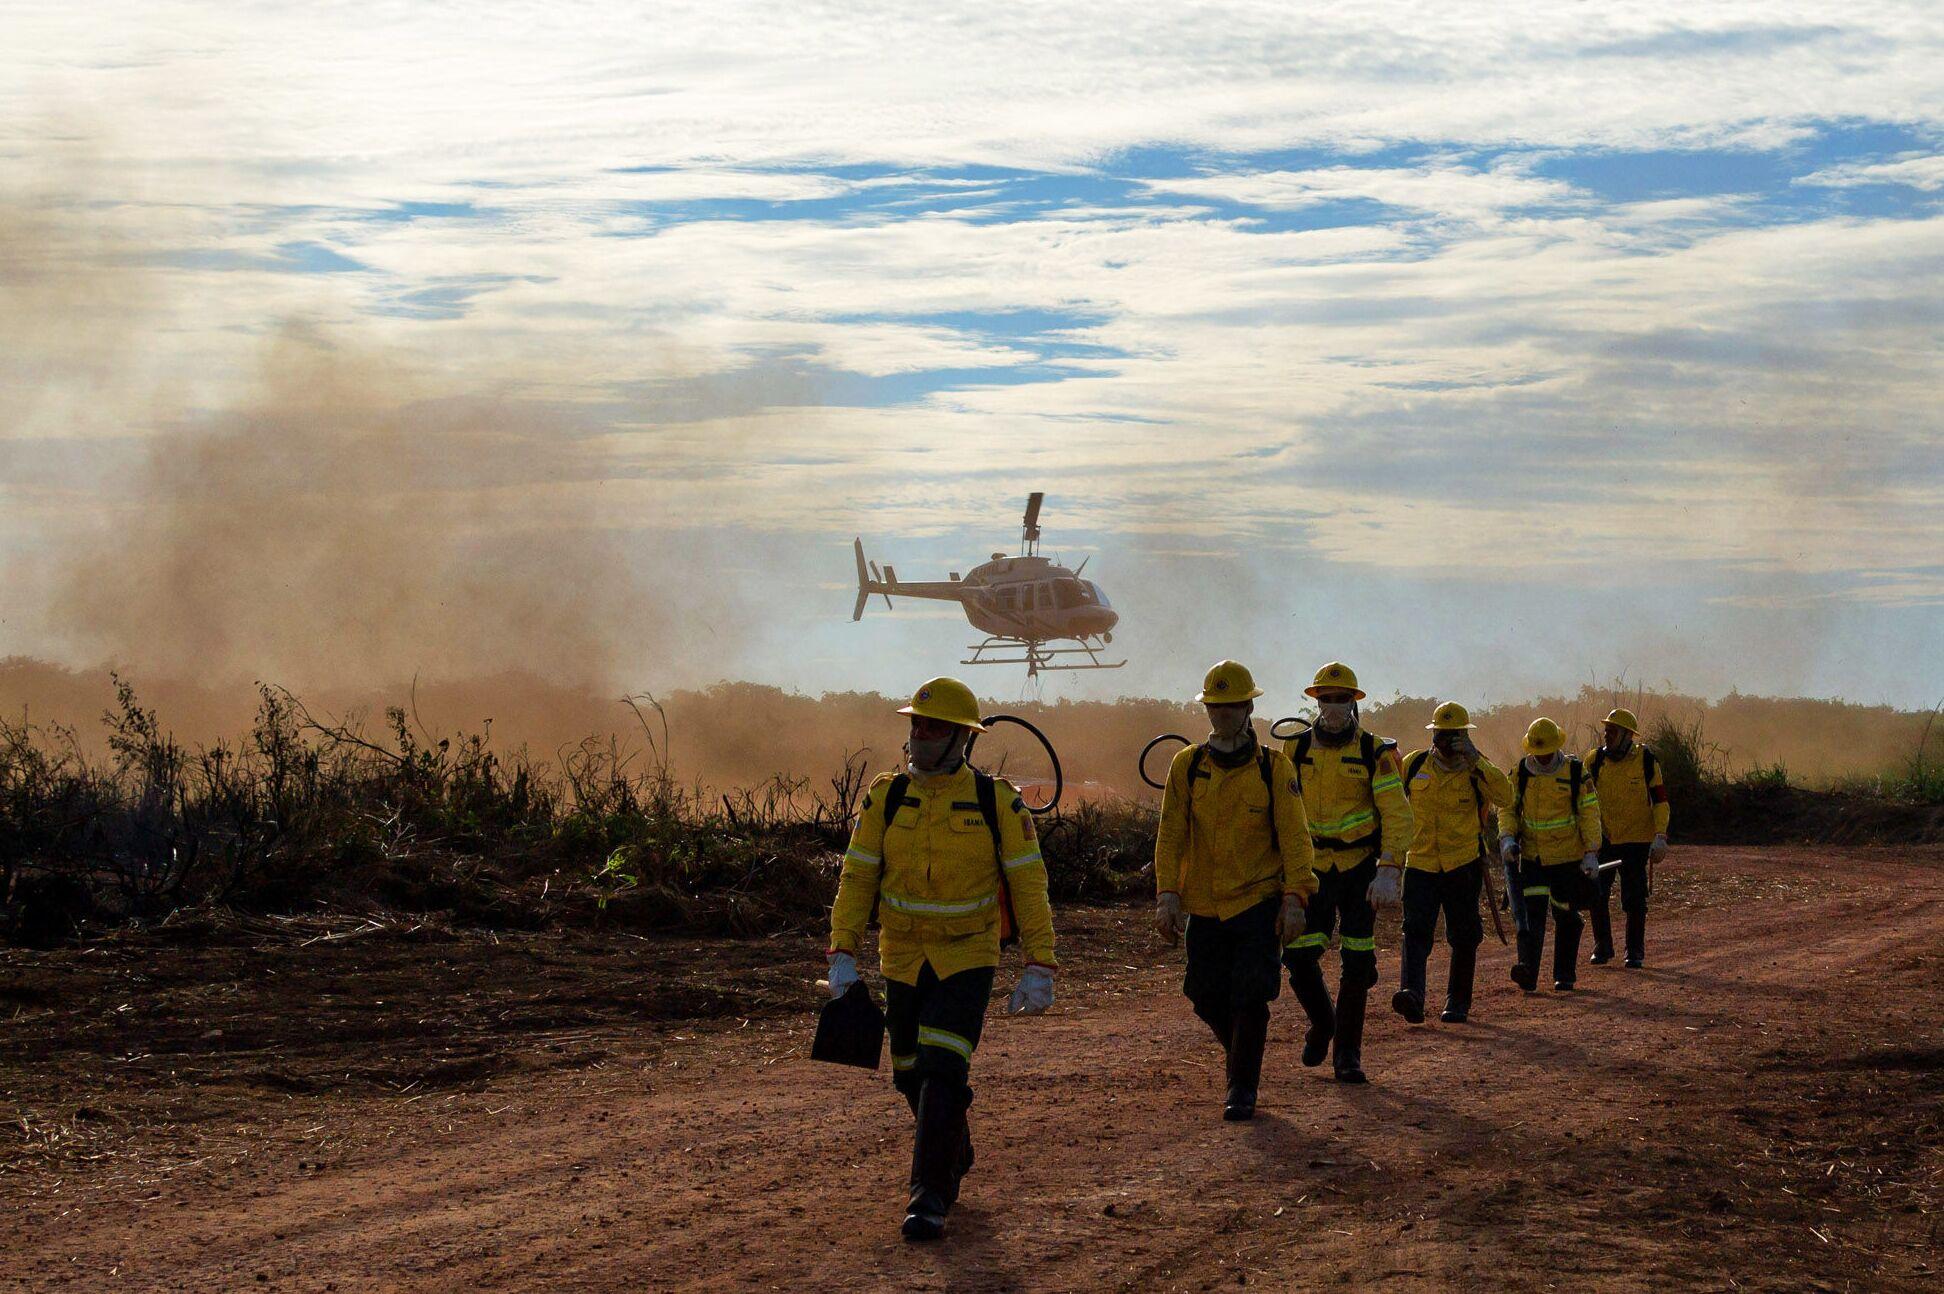 A presença de mais de mil brigadistas do Centro Nacional de Prevenção e Combate aos Incêndios Florestais (Prevfogo) do Ibama em campo neste ano contribuiu para grande redução no número de focos de calor na Amazônia legal em 2019; foto de 3 de outubro de 2019